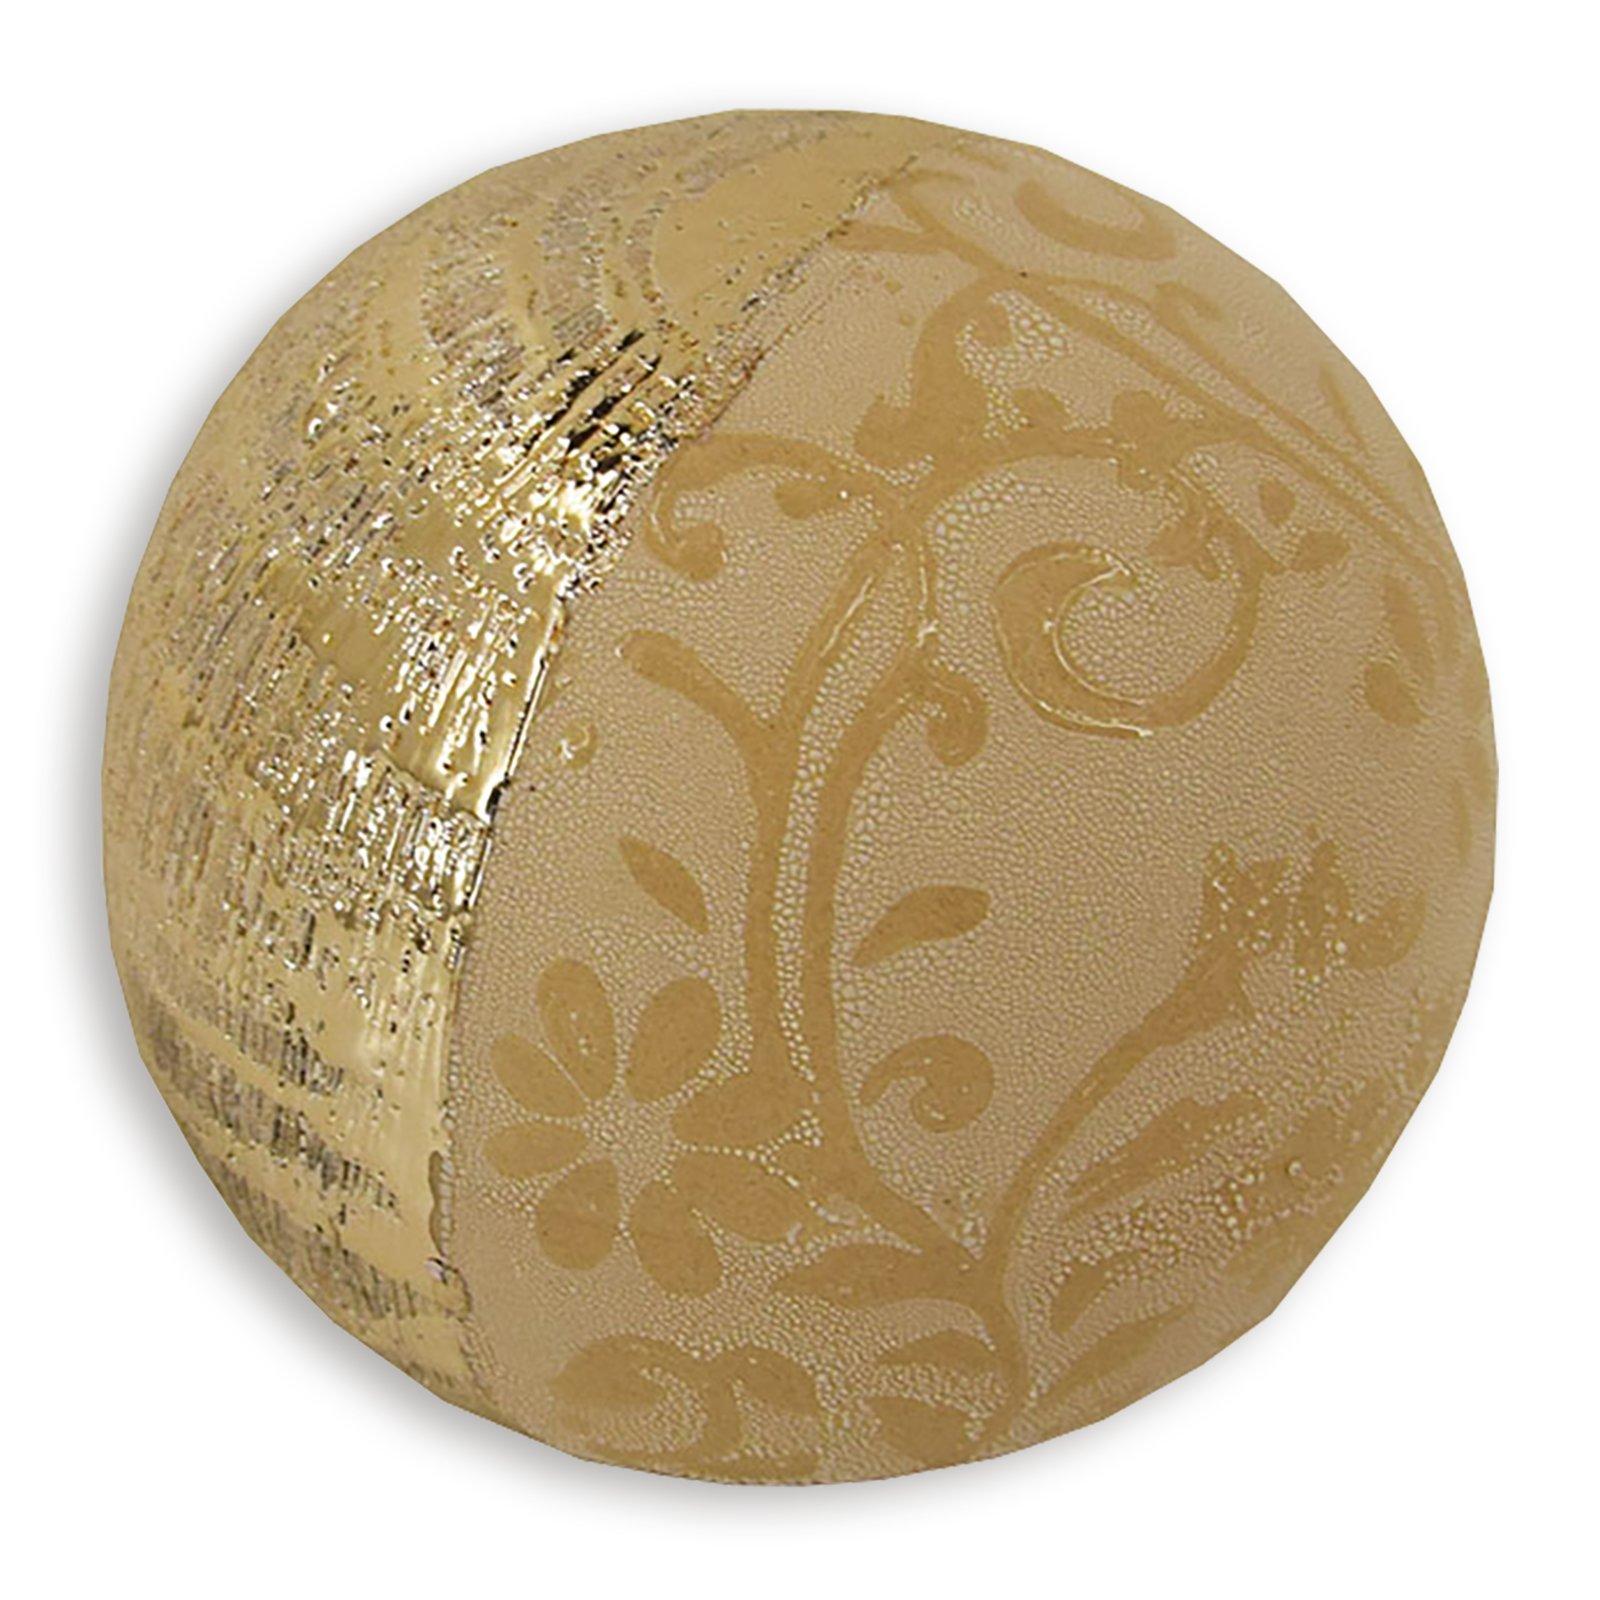 Deko kugel gold keramik blumendekor 10 cm for Deko objekte wohnzimmer